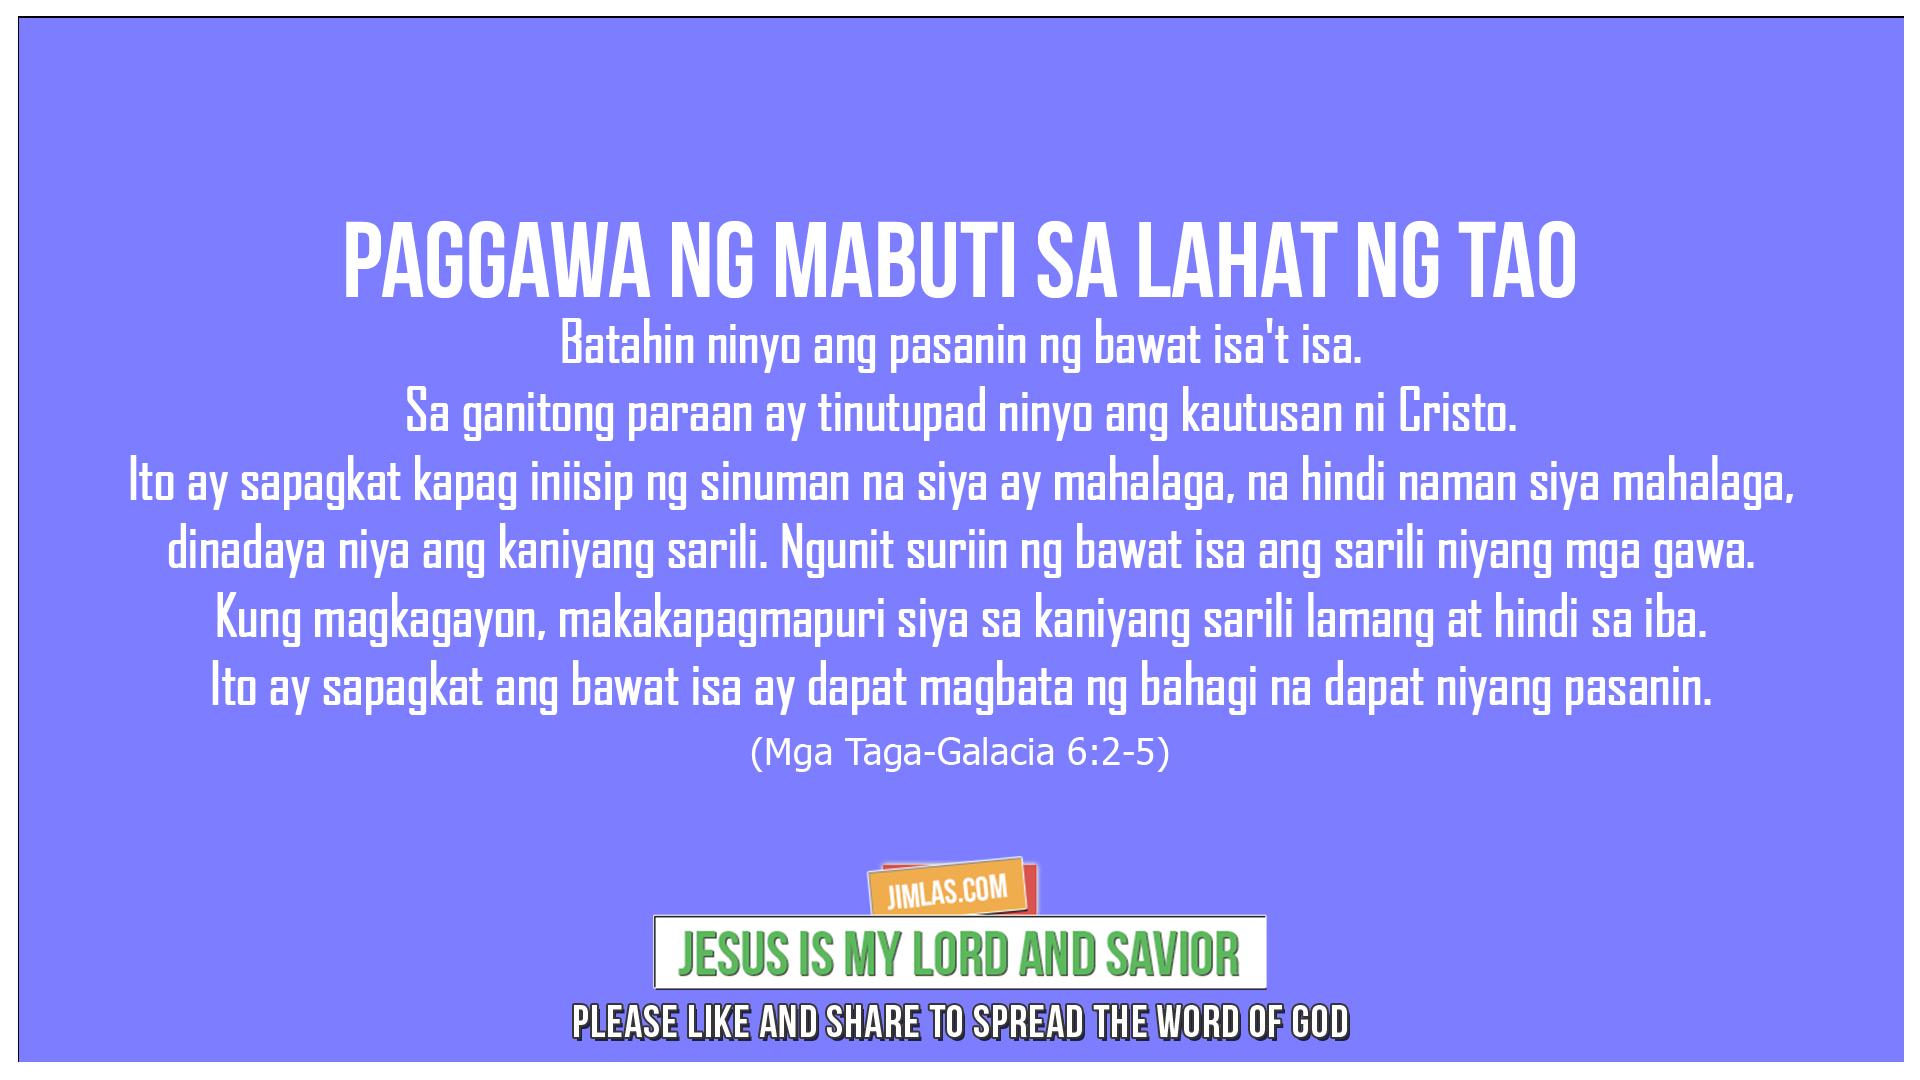 Mga Taga-Galacia 6:2-5, Mga Taga-Galacia 6:2-5